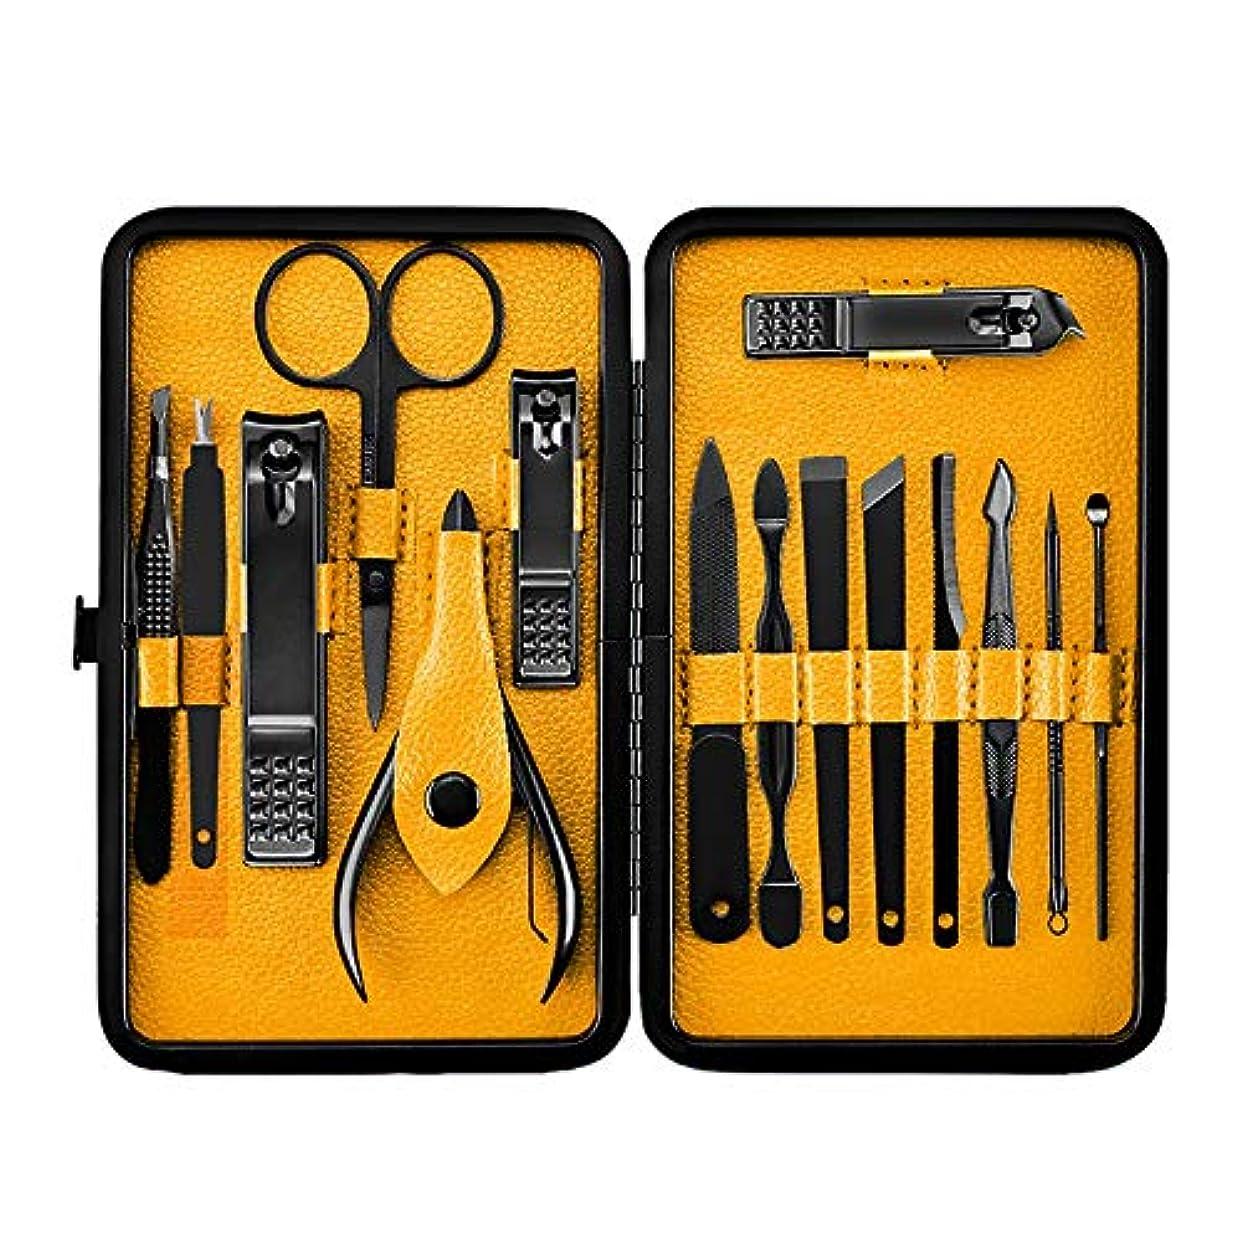 厳カブ外観CUHAWUDBA 15ピース、プロフェッショナル、マニキュア、ステンレス鋼製ネイルのクリッパー、爪切り、はさみのセット、キット、マニキュアのセット、ネイルのツール、ネイルアートのツール